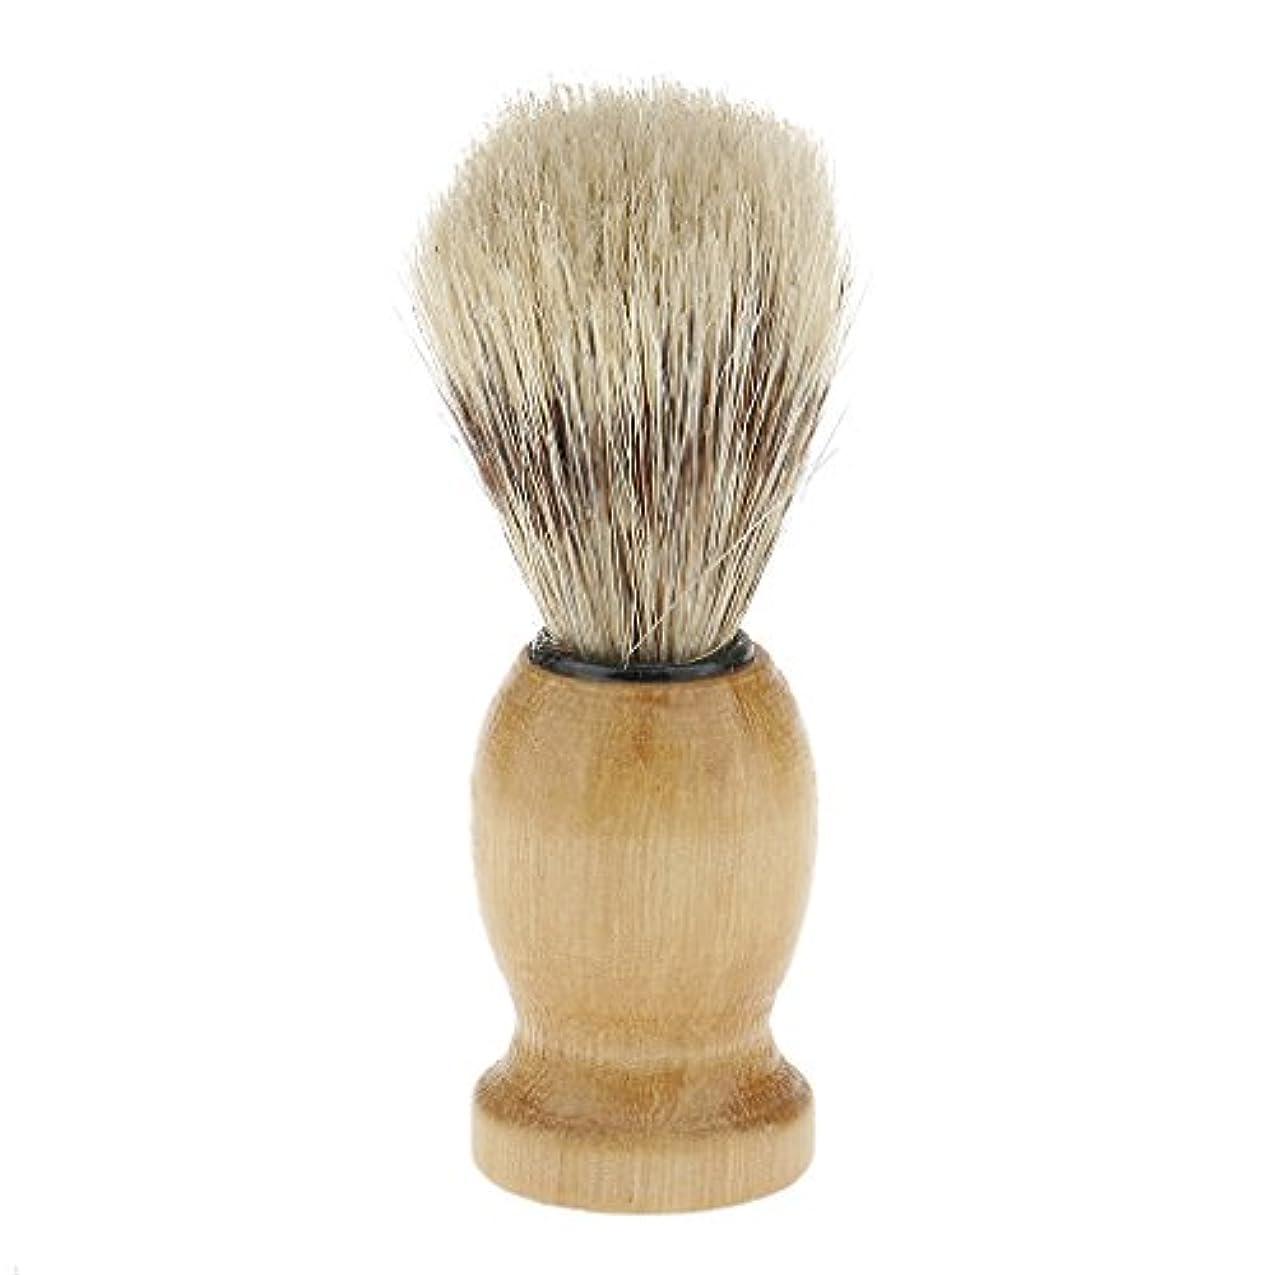 あえぎ交換顕著Hellery 髭剃り ブラシ シェービングブラシ ひげブラシ サロン 柔らかい 理容 便携 全2色 - イエロー+ブラック